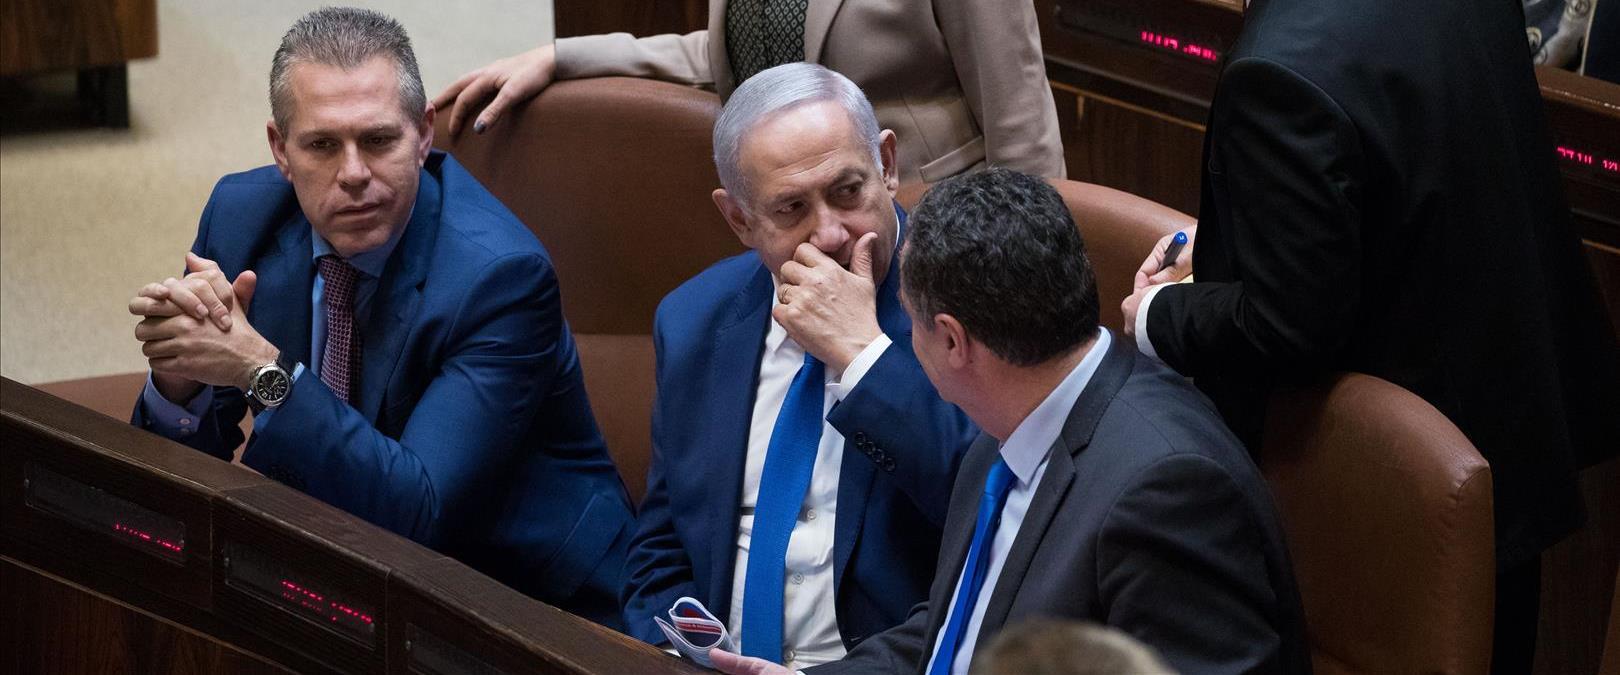 בנימין נתניהו, ישראל כץ, גלעד ארדן ומירי רגב